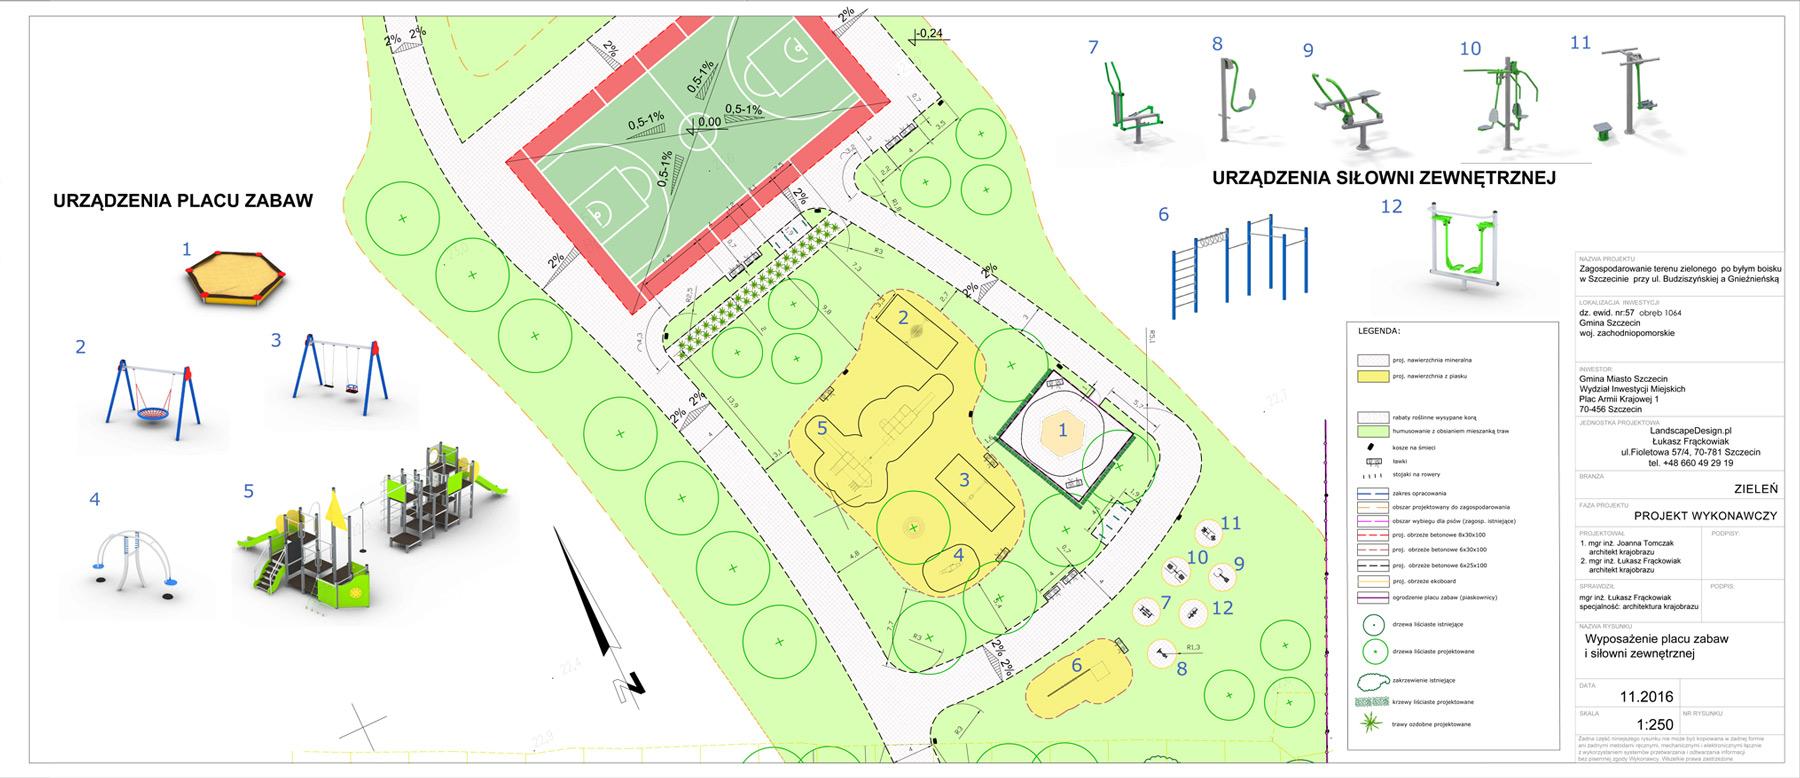 Wyposażenie terenu parku Szczecinie